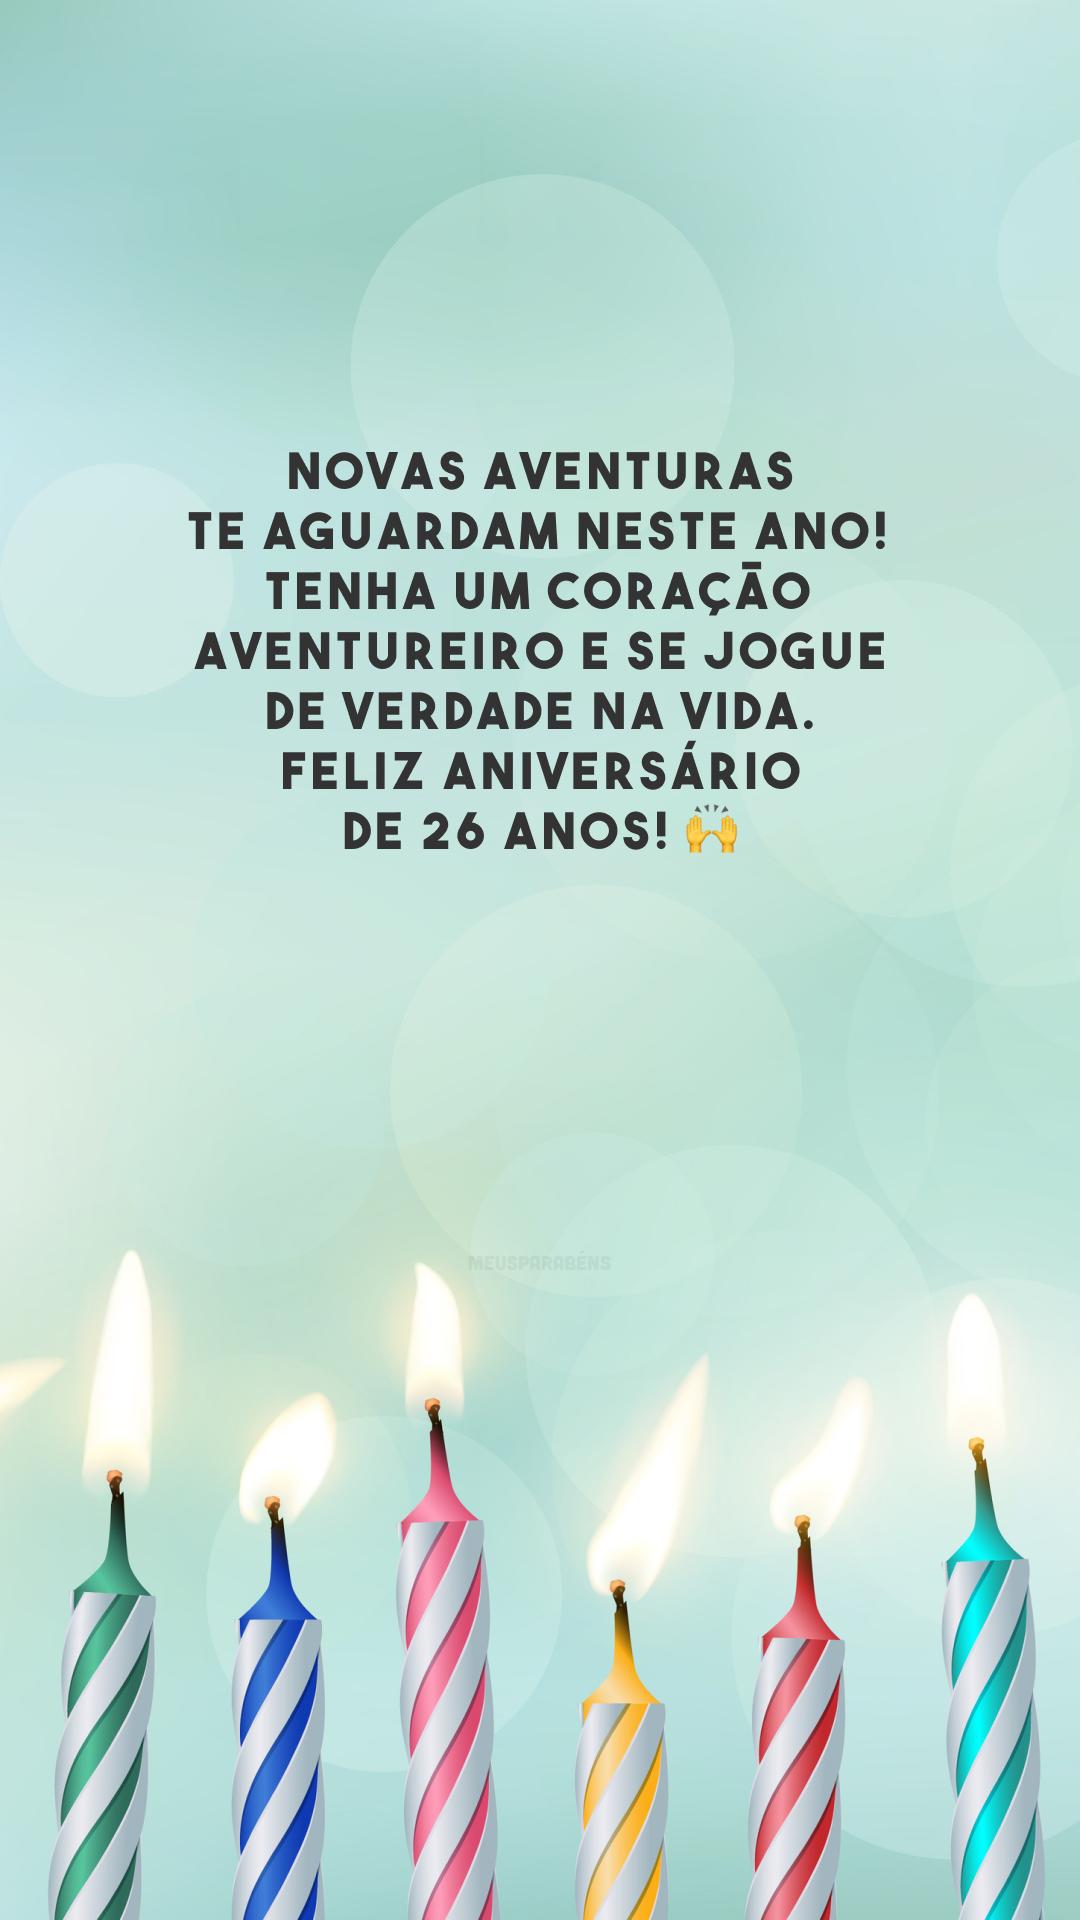 Novas aventuras te aguardam neste ano! Tenha um coração aventureiro e se jogue de verdade na vida. Feliz aniversário de 26 anos! 🙌